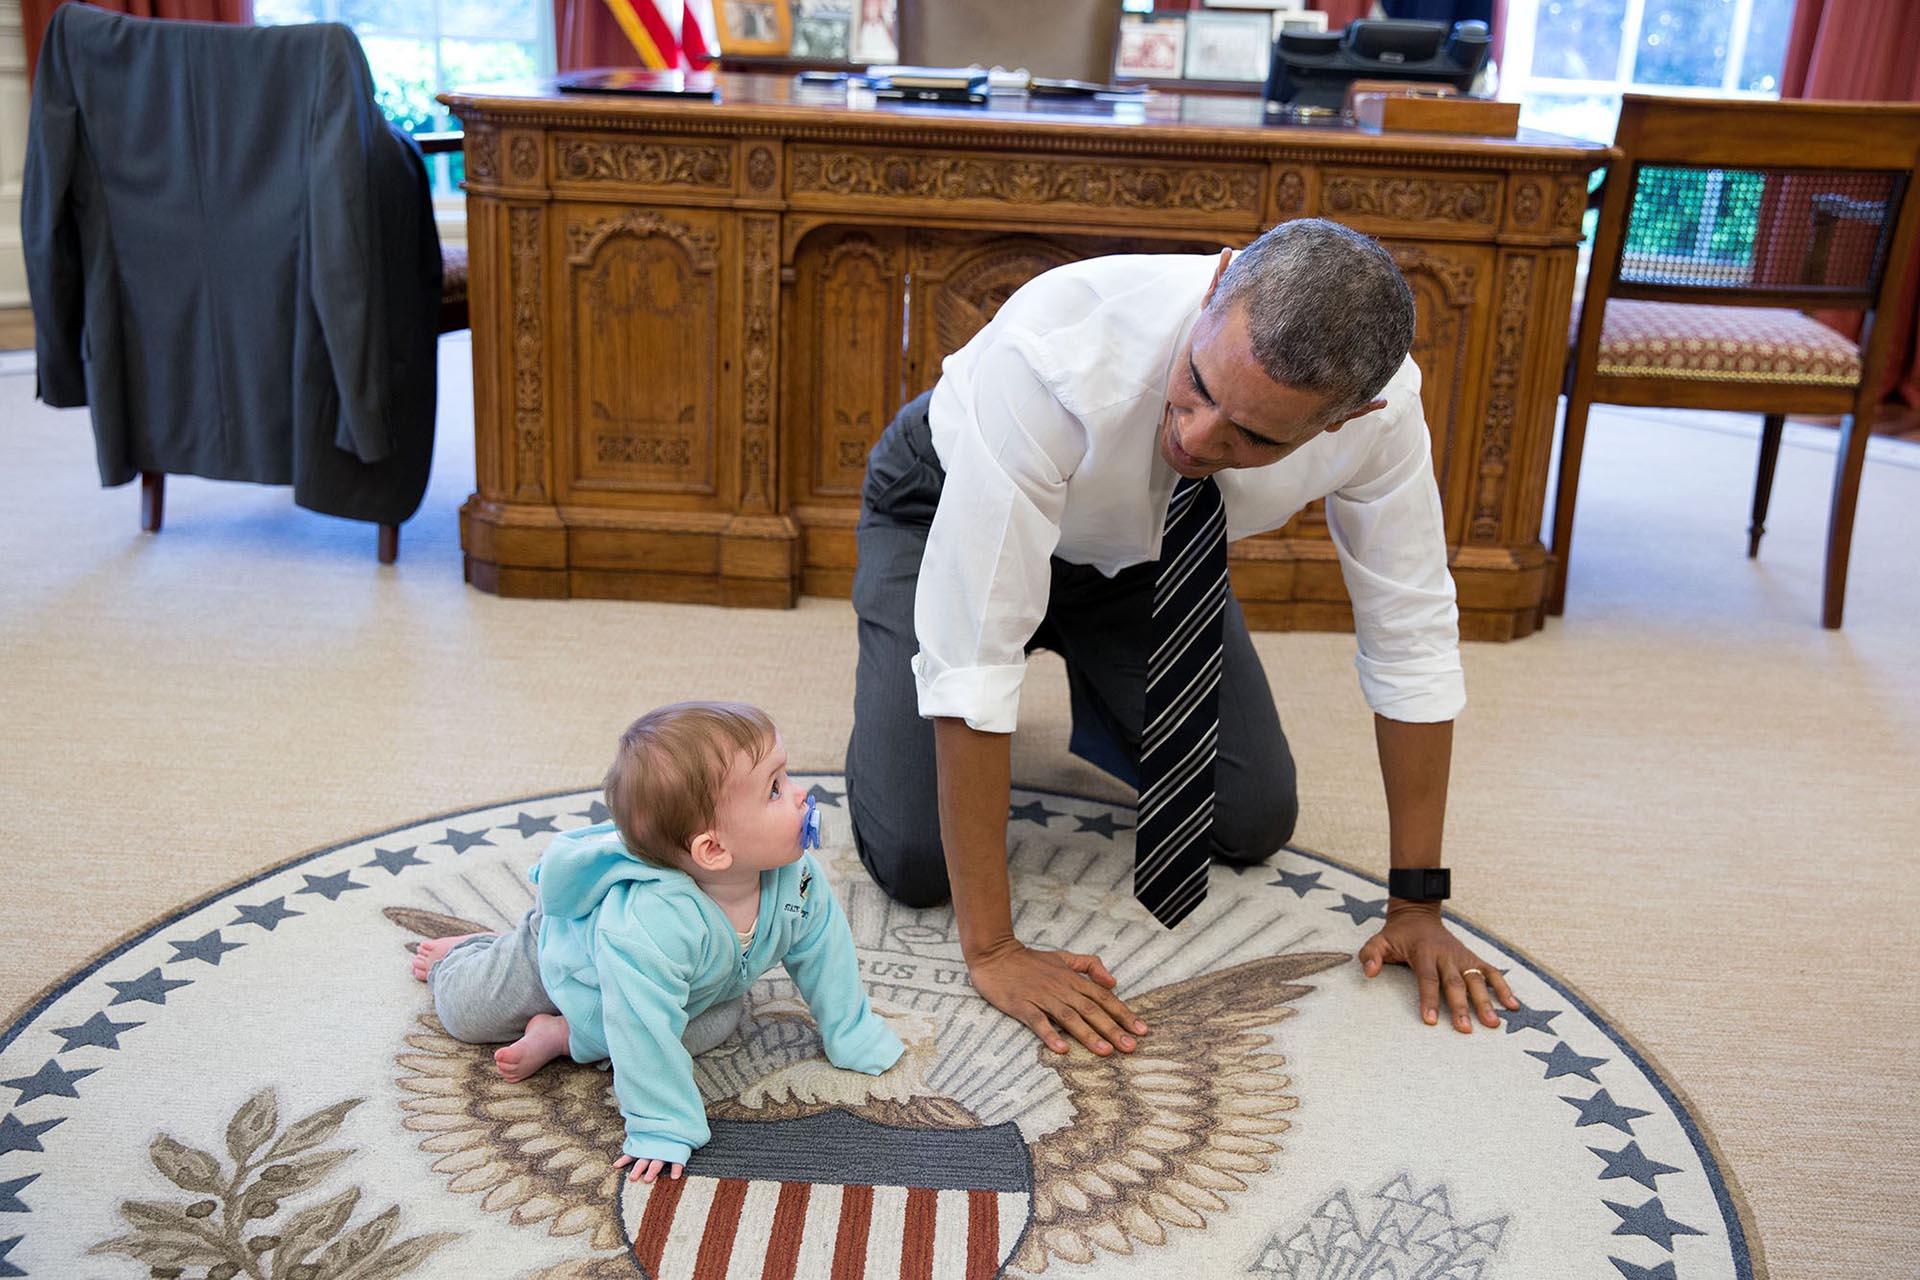 Obama siempre le pedía a su equipo que invitasen a sus hijos al trabajo. Cuando tenía un espacio entre las reuniones, jugaba con ellos